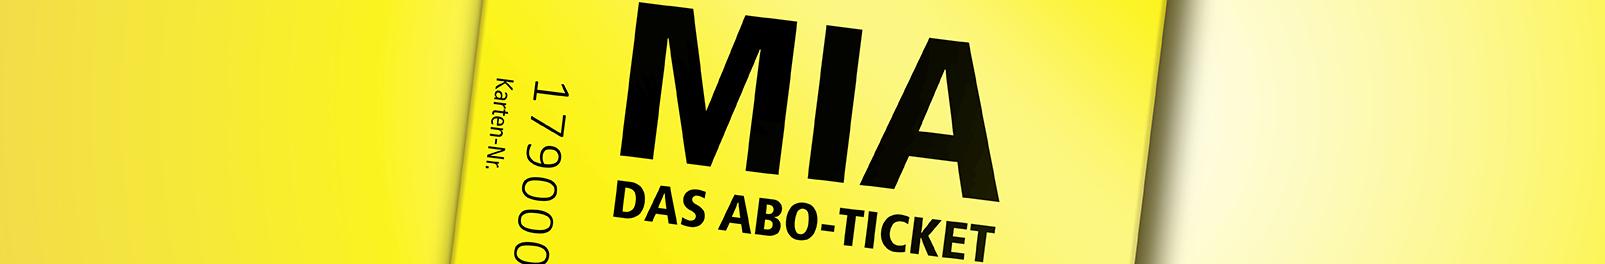 mia plus karte bremen MIA & MIAplus Ticket   VBN